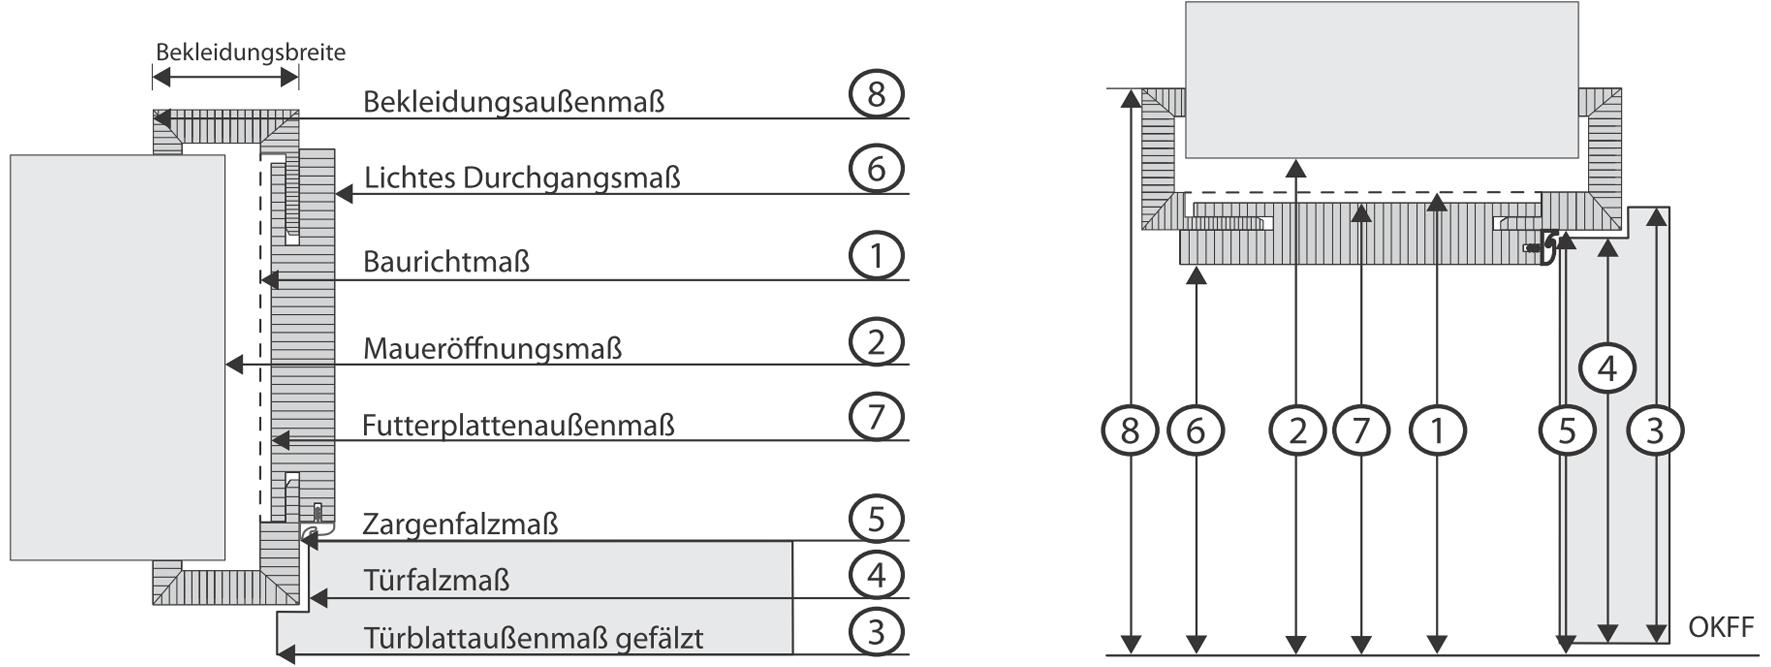 Relativ Baurichtmaße: Wandöffnungen und Türen für den Wohnungsbau. Normen GR56